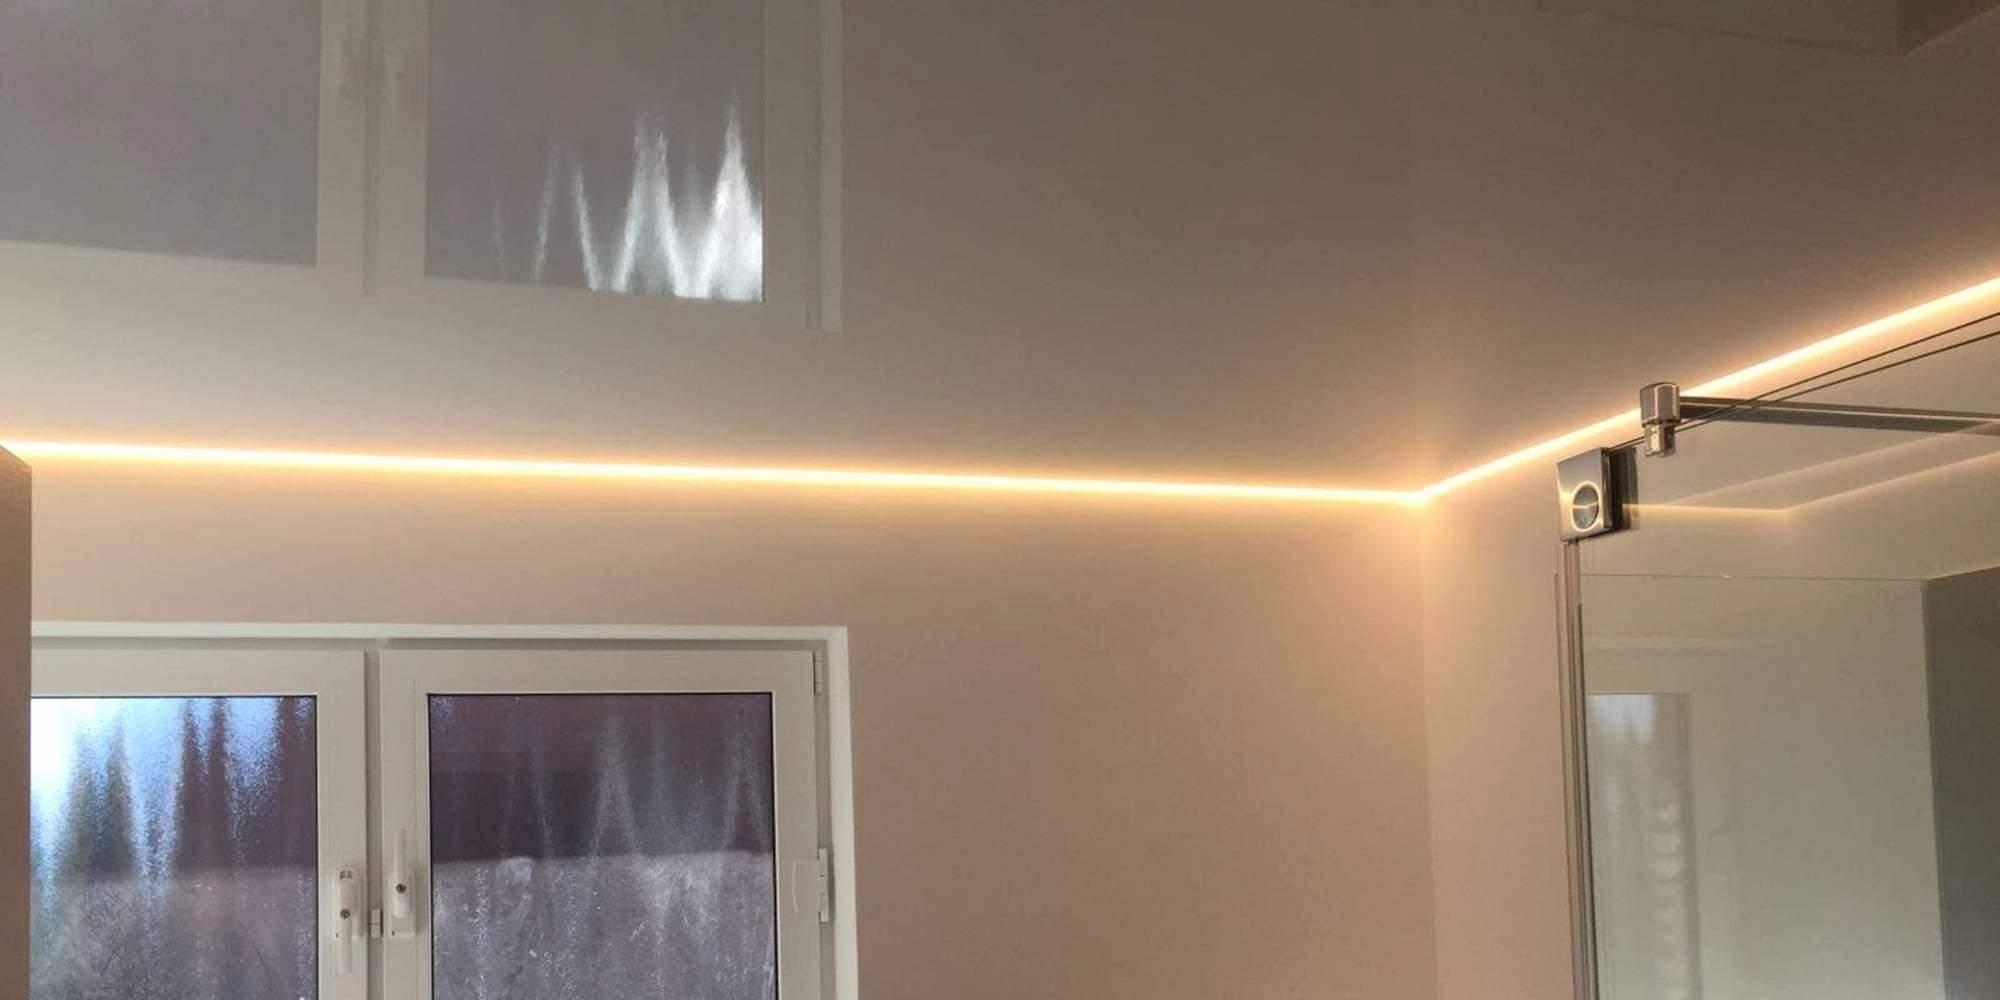 Full Size of Indirekte Beleuchtung Decke 27 Neu Deckenbeleuchtung Wohnzimmer Luxus Bett Mit Led Deckenleuchte Bad Spiegelschrank Deckenlampe Küche Fenster Moderne Wohnzimmer Indirekte Beleuchtung Decke